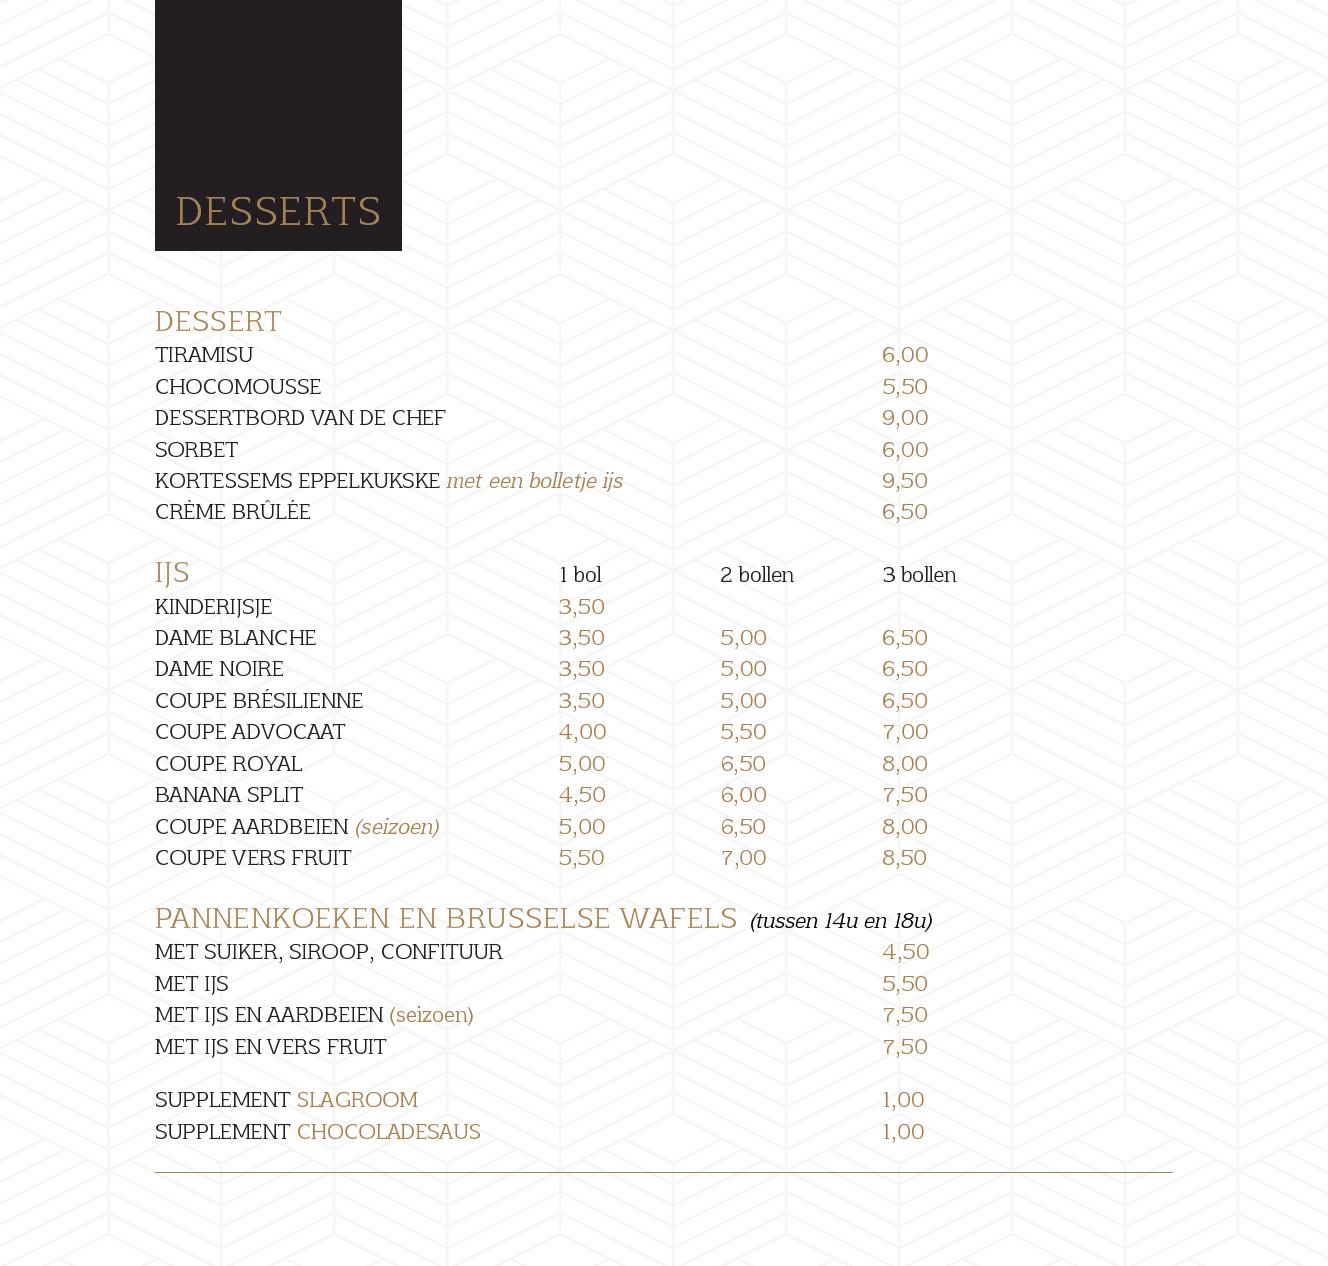 menukaart 25